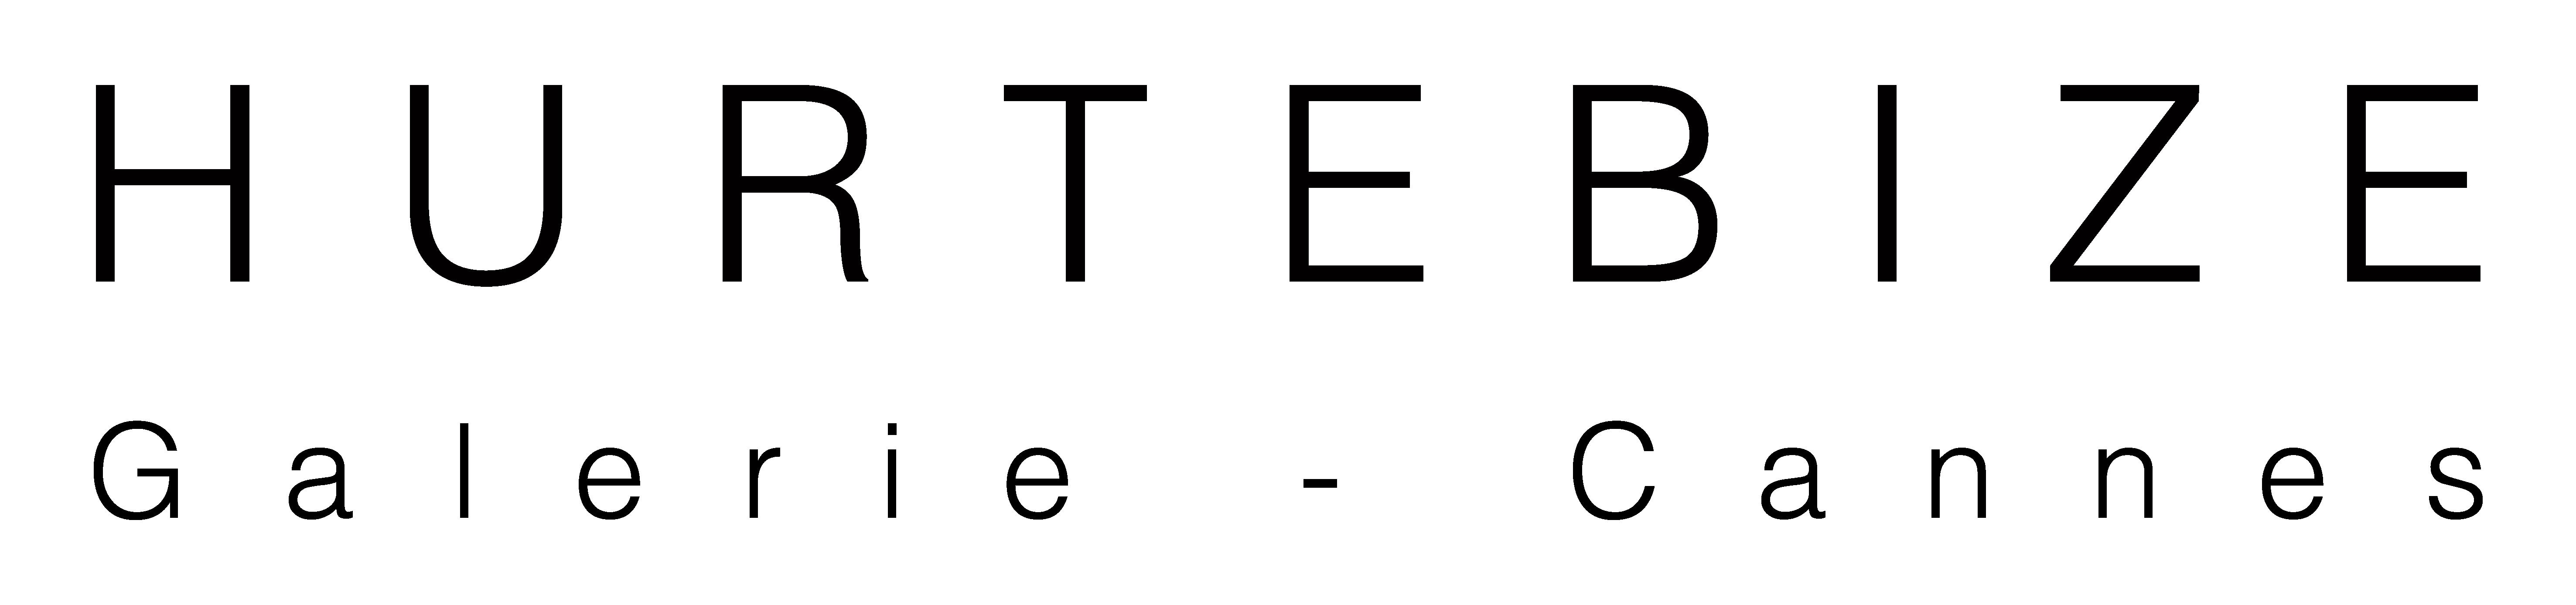 galerie d'art cannes, achat tableau, art moderne, art contemporain, contemporary art, modern art, art abstrait, art figuratif, abstraction lyrique, art abstrait géométrique, peintures, tableau, sculpture, french riviera